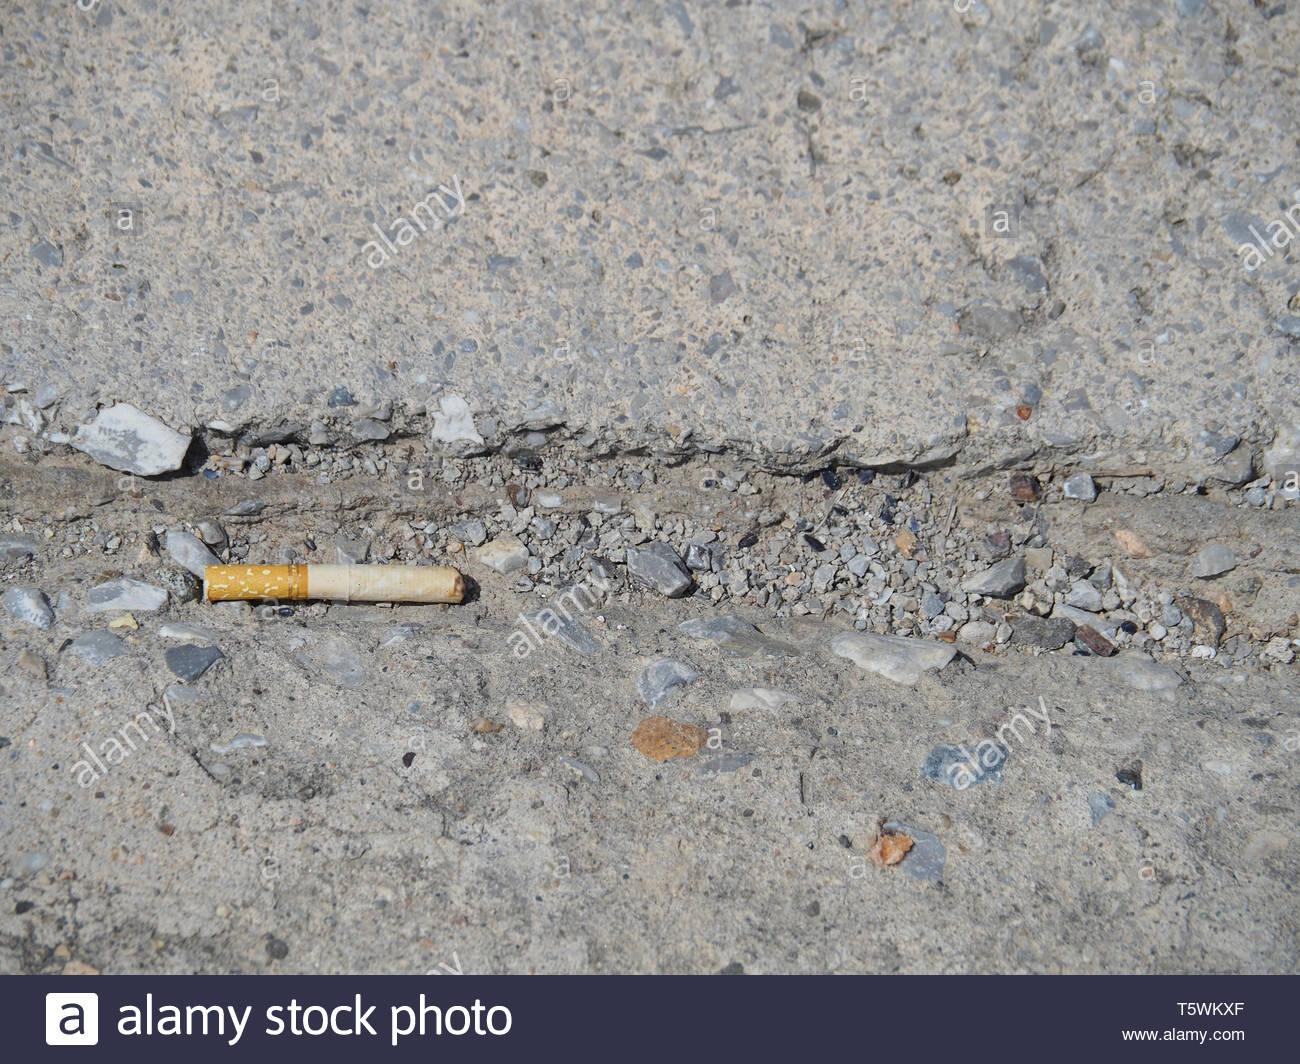 cigarette bud on the sidewalk - Stock Image